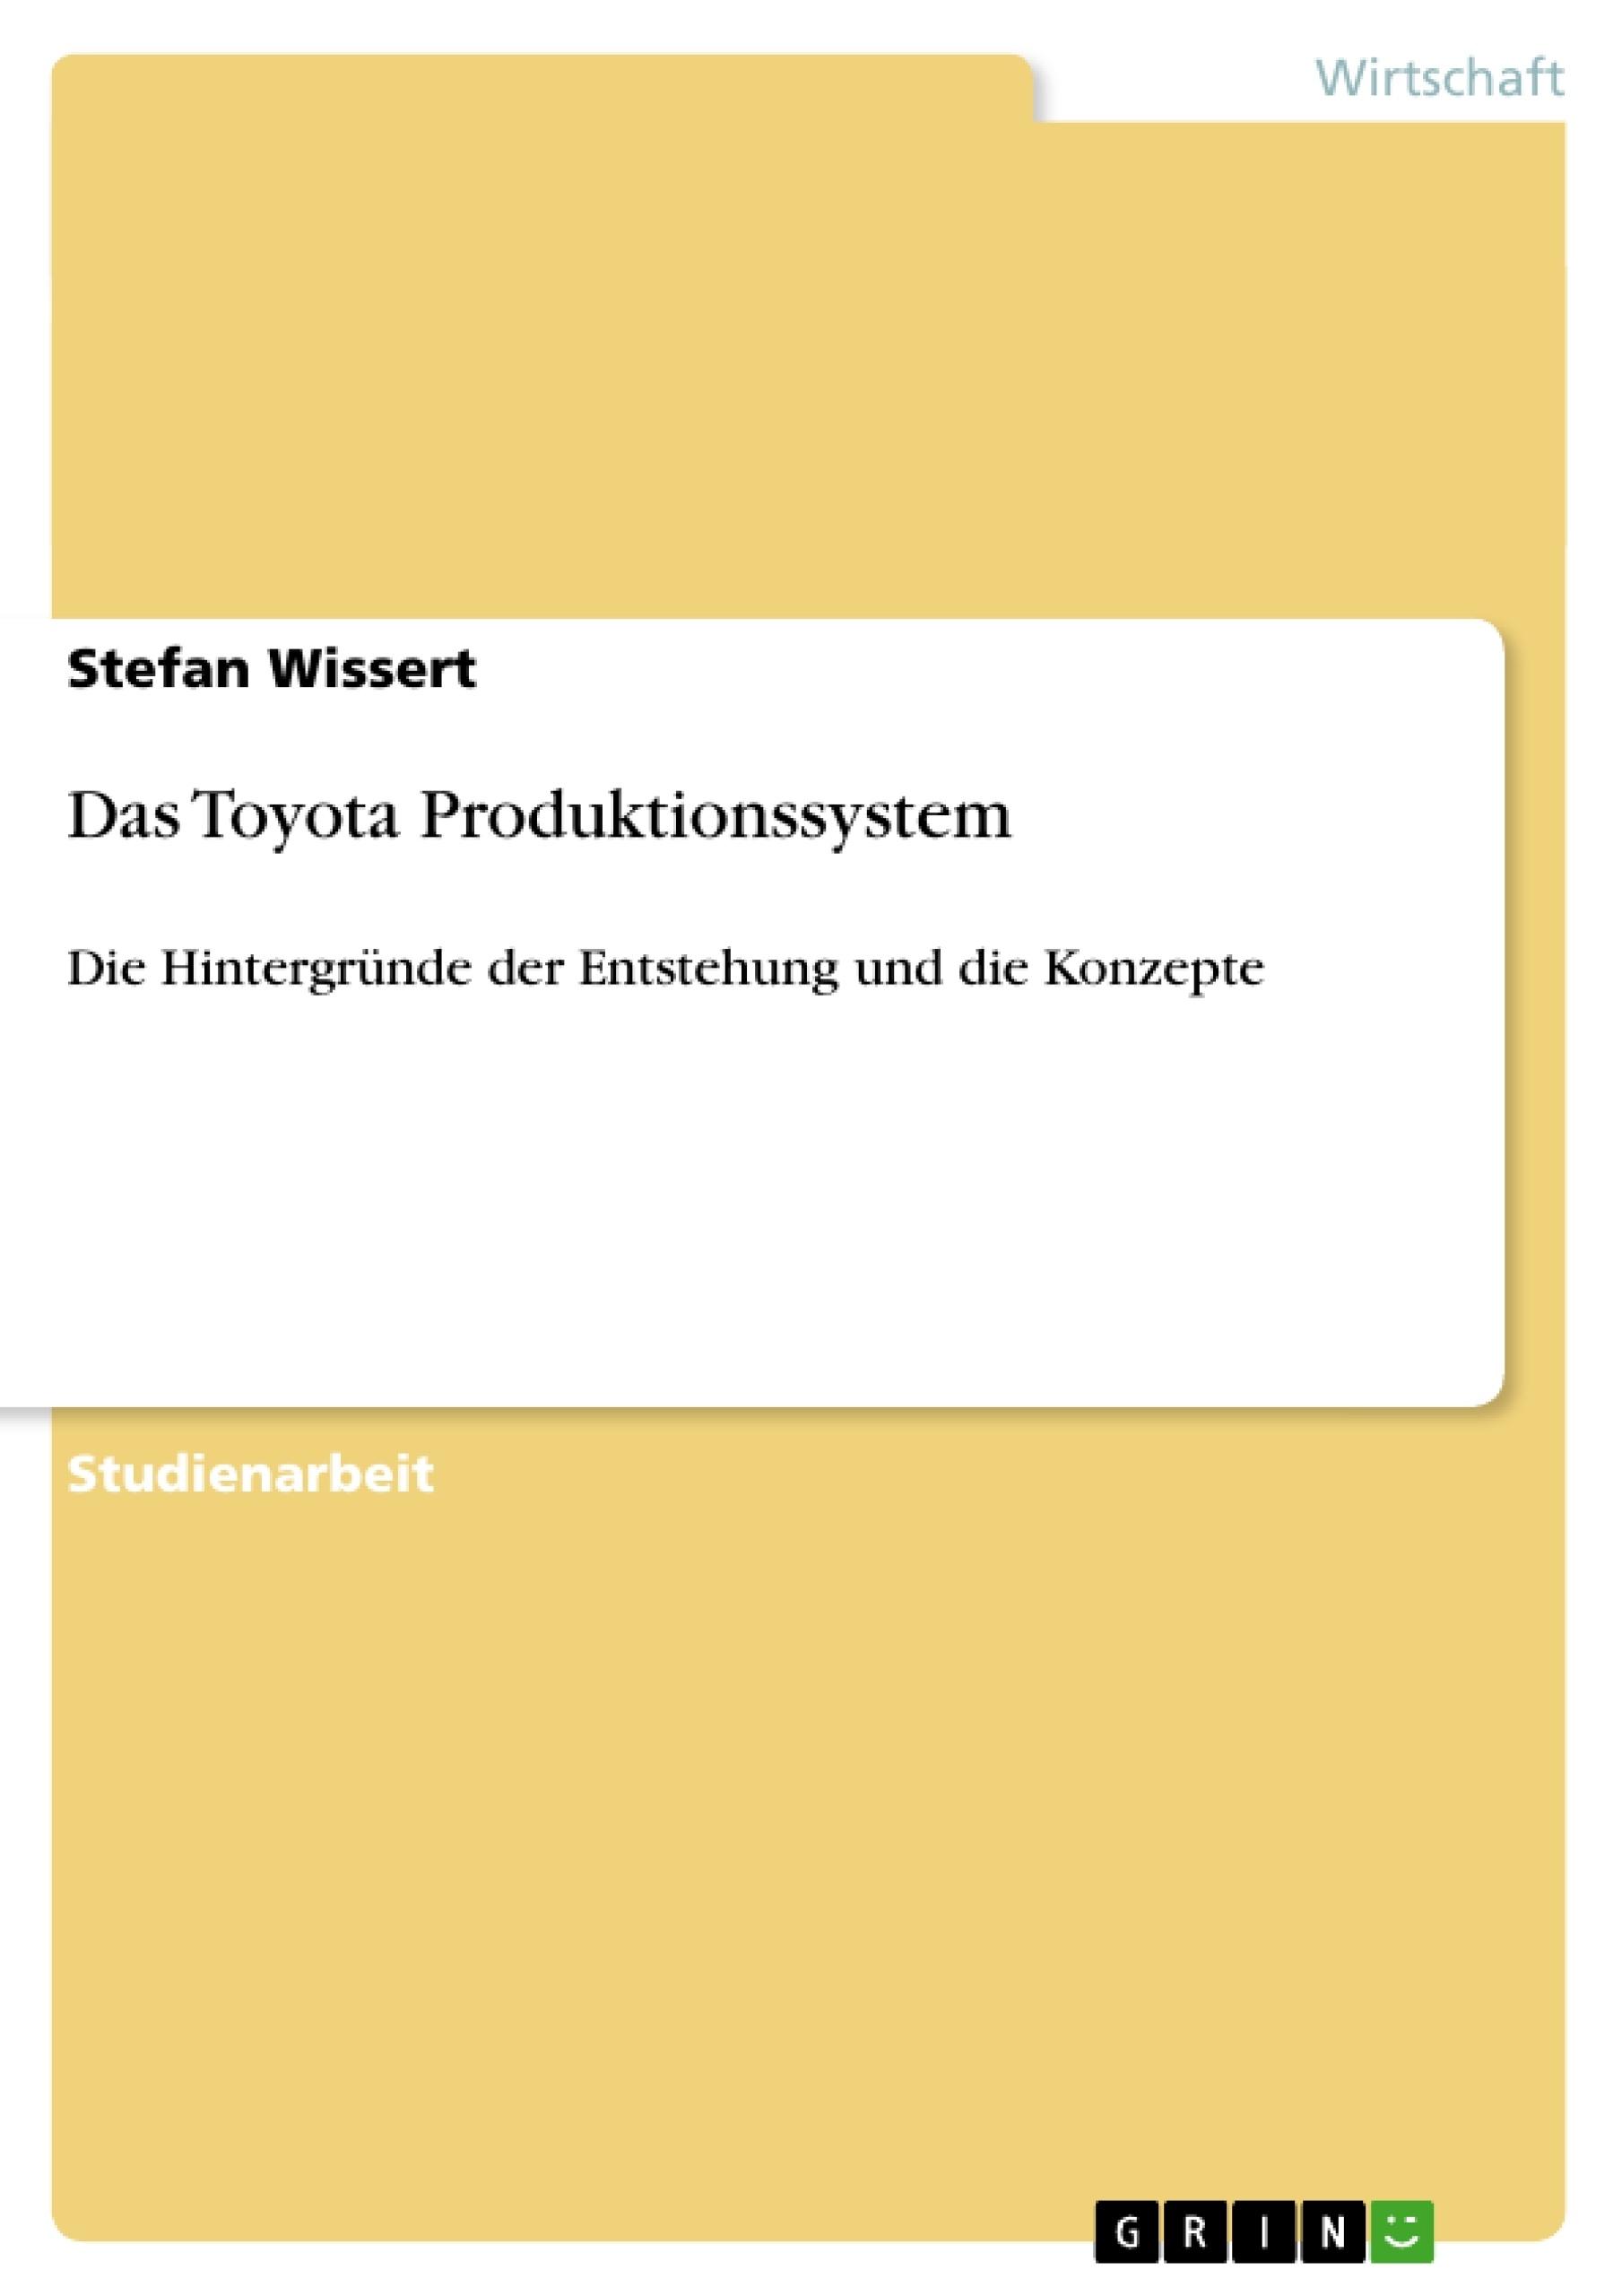 Titel: Das Toyota Produktionssystem